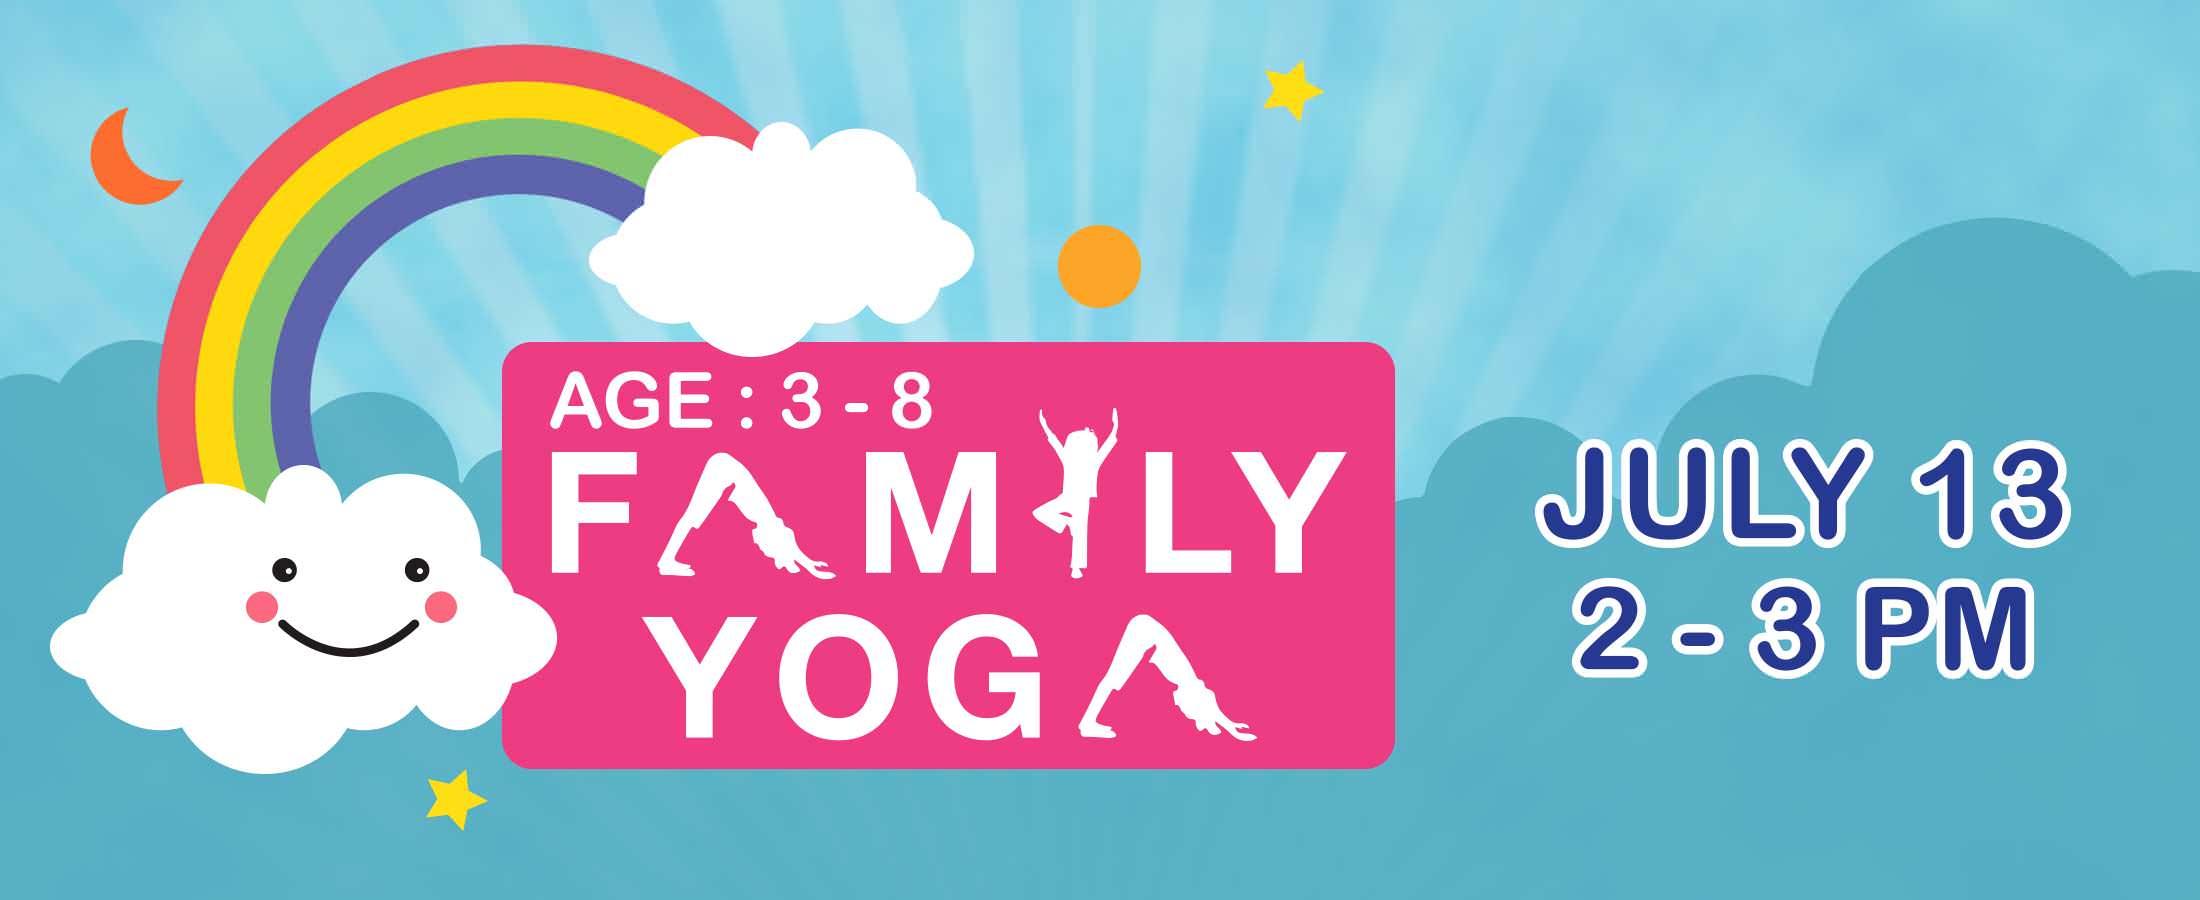 family yoga hot yoga markham